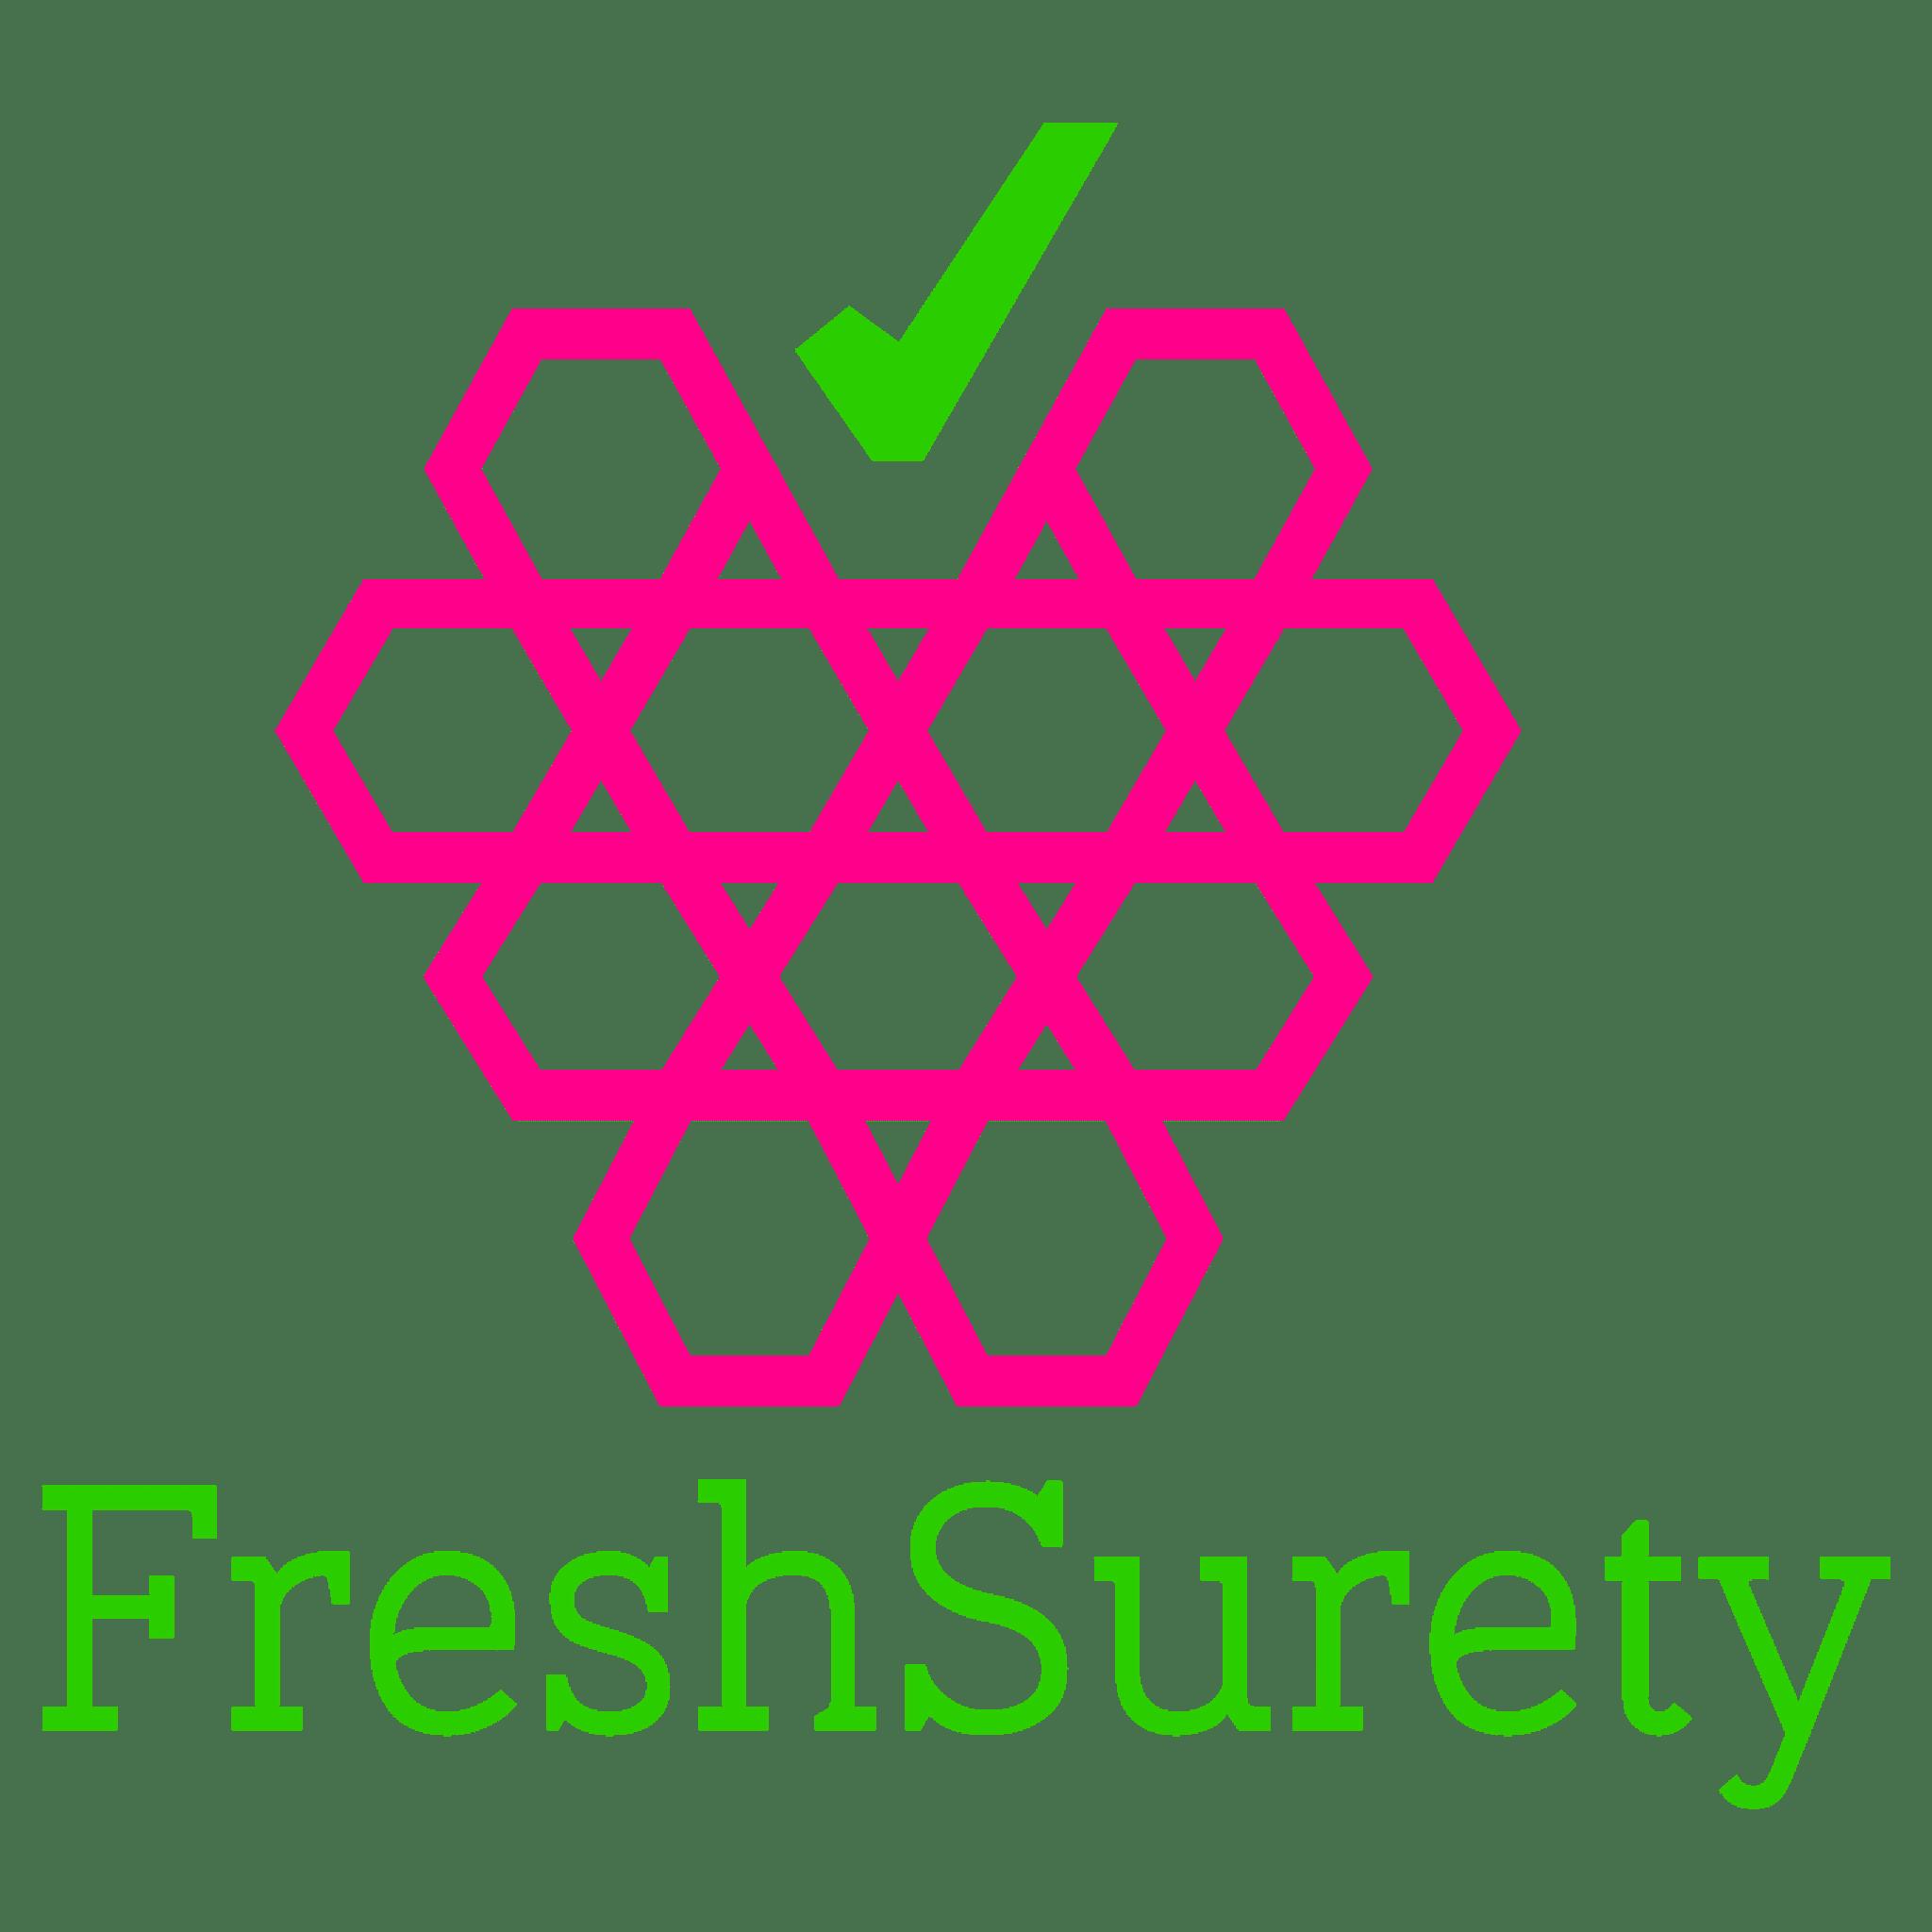 FreshSurety icon